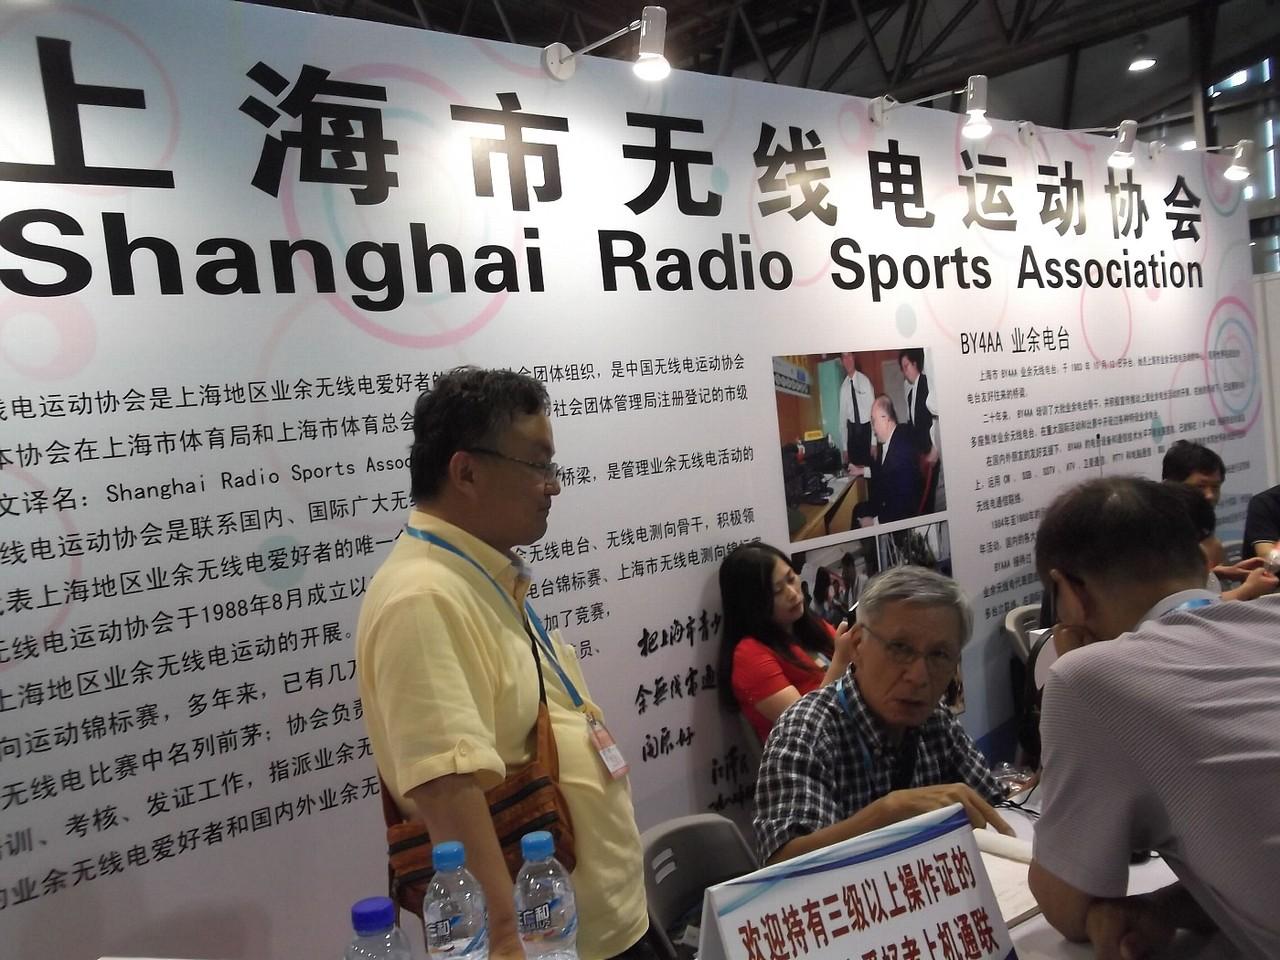 上海ハムフェステバル会場  上海無線電協会無線局 運用中のJF1AGBとJE1PYH